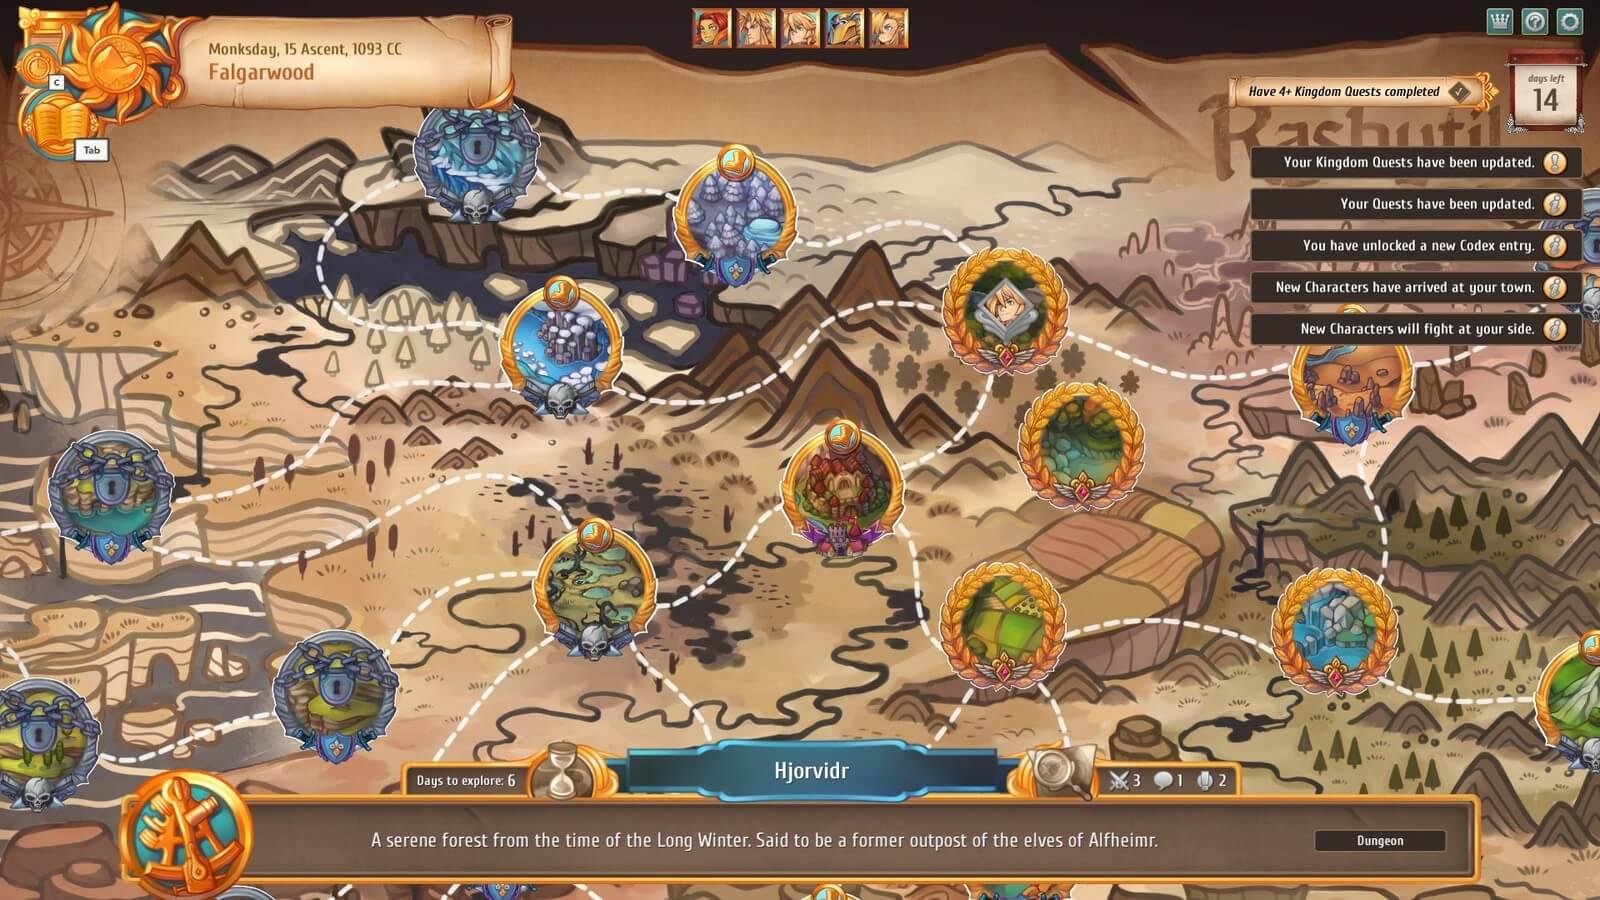 Análisis de Regalia: Of Men and Monarchs - Royal Edition - Xbox One 2